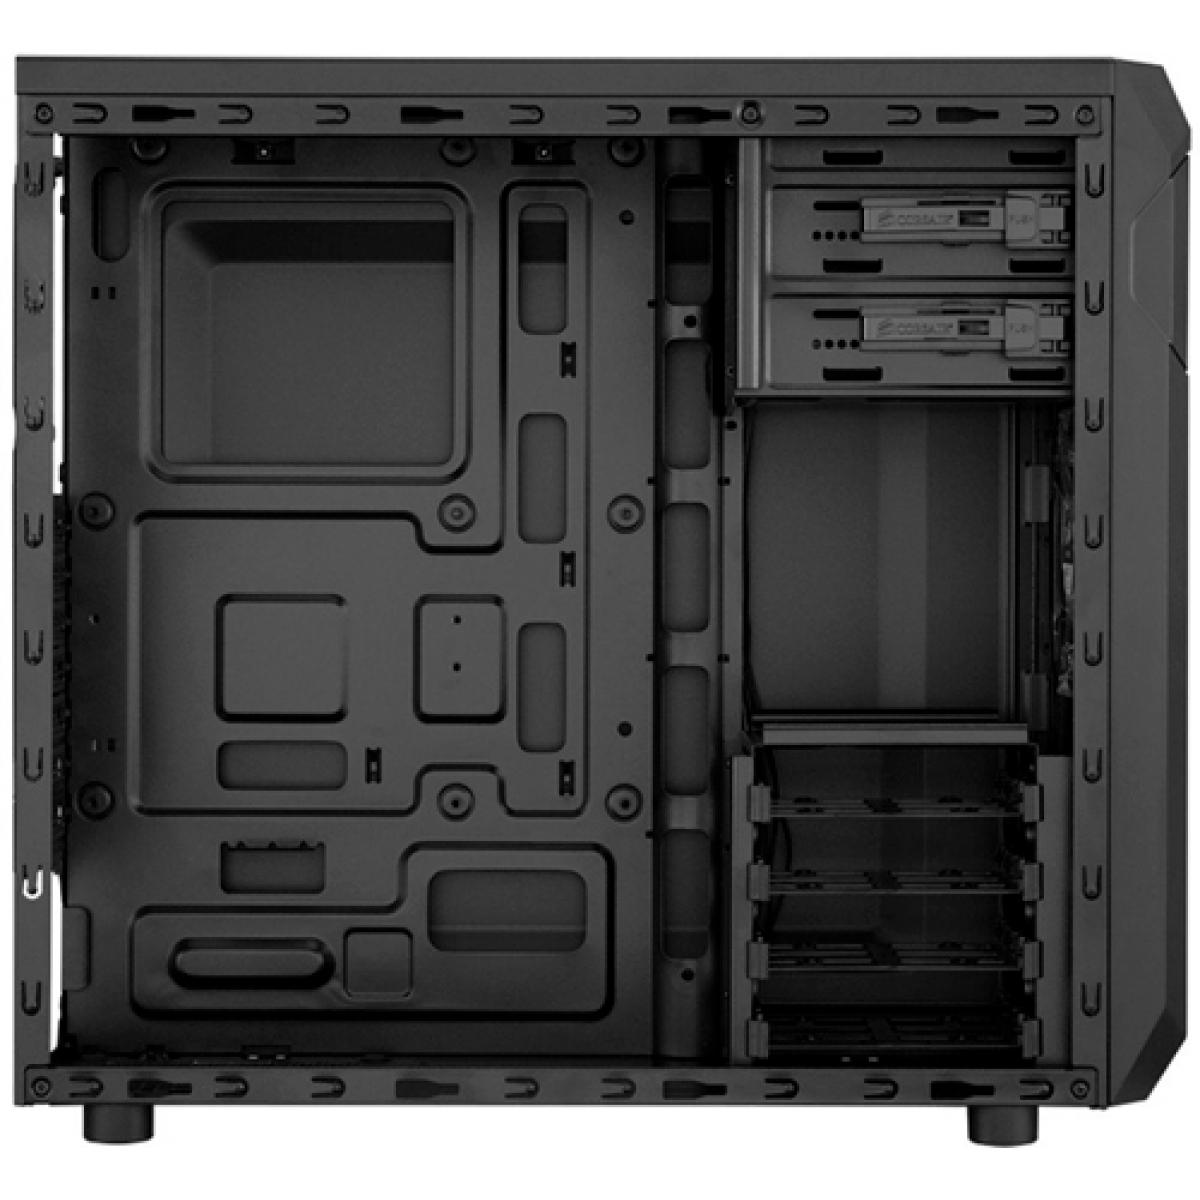 Gabinete Gamer Corsair Carbide Spec-01, Mid Tower, Com 1 Fan, Lateral em Acrílico, Black, S-Fonte, CC-9011050-WW